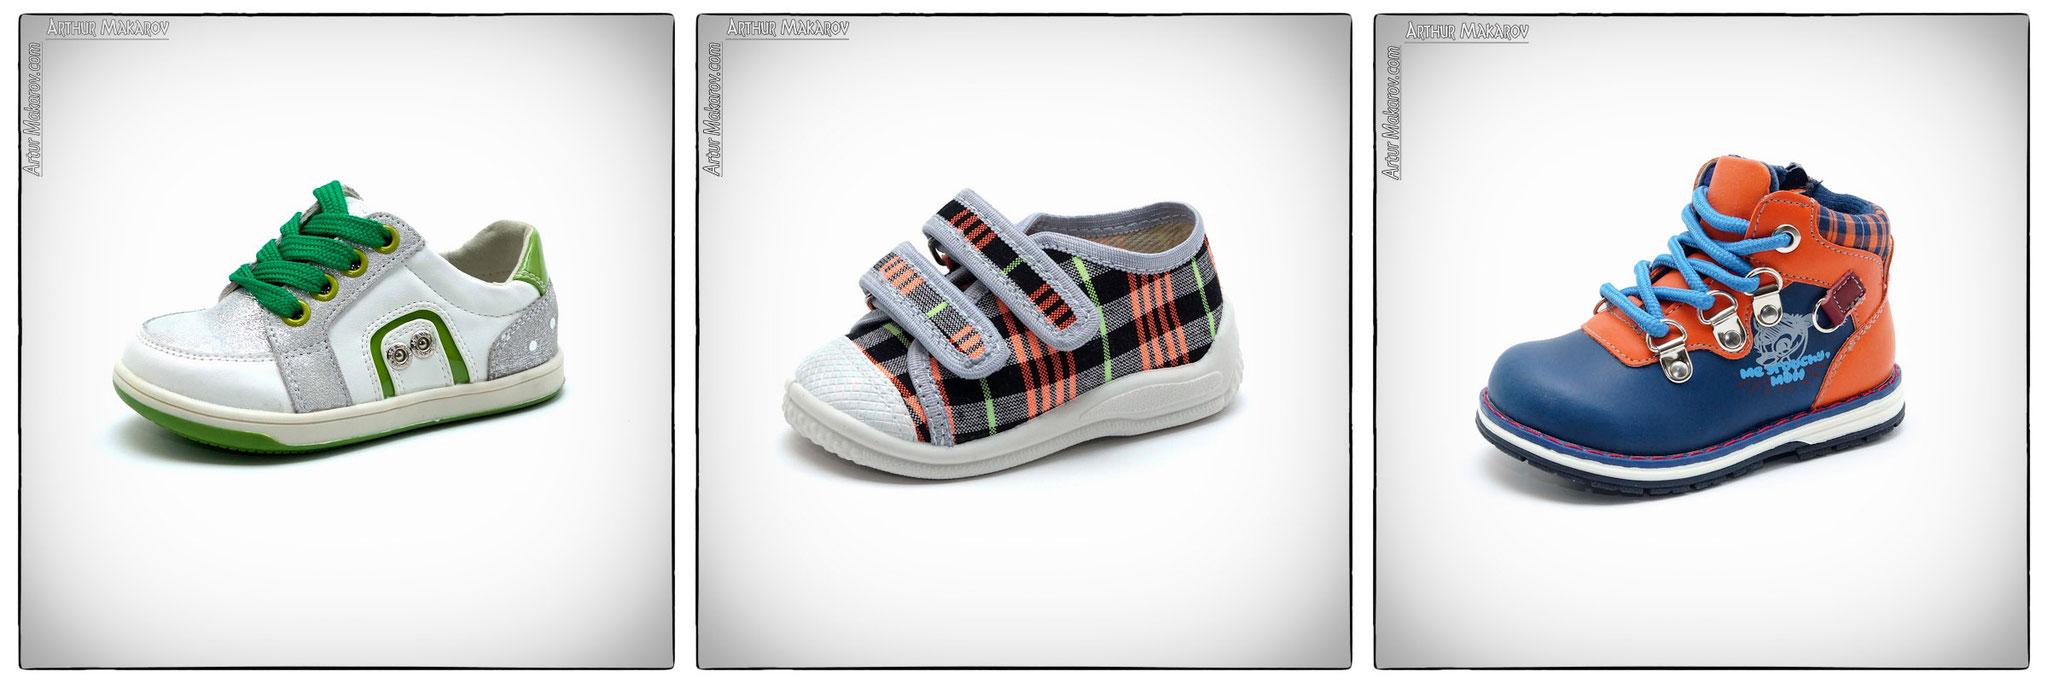 предметная съемка товаров - фото обуви